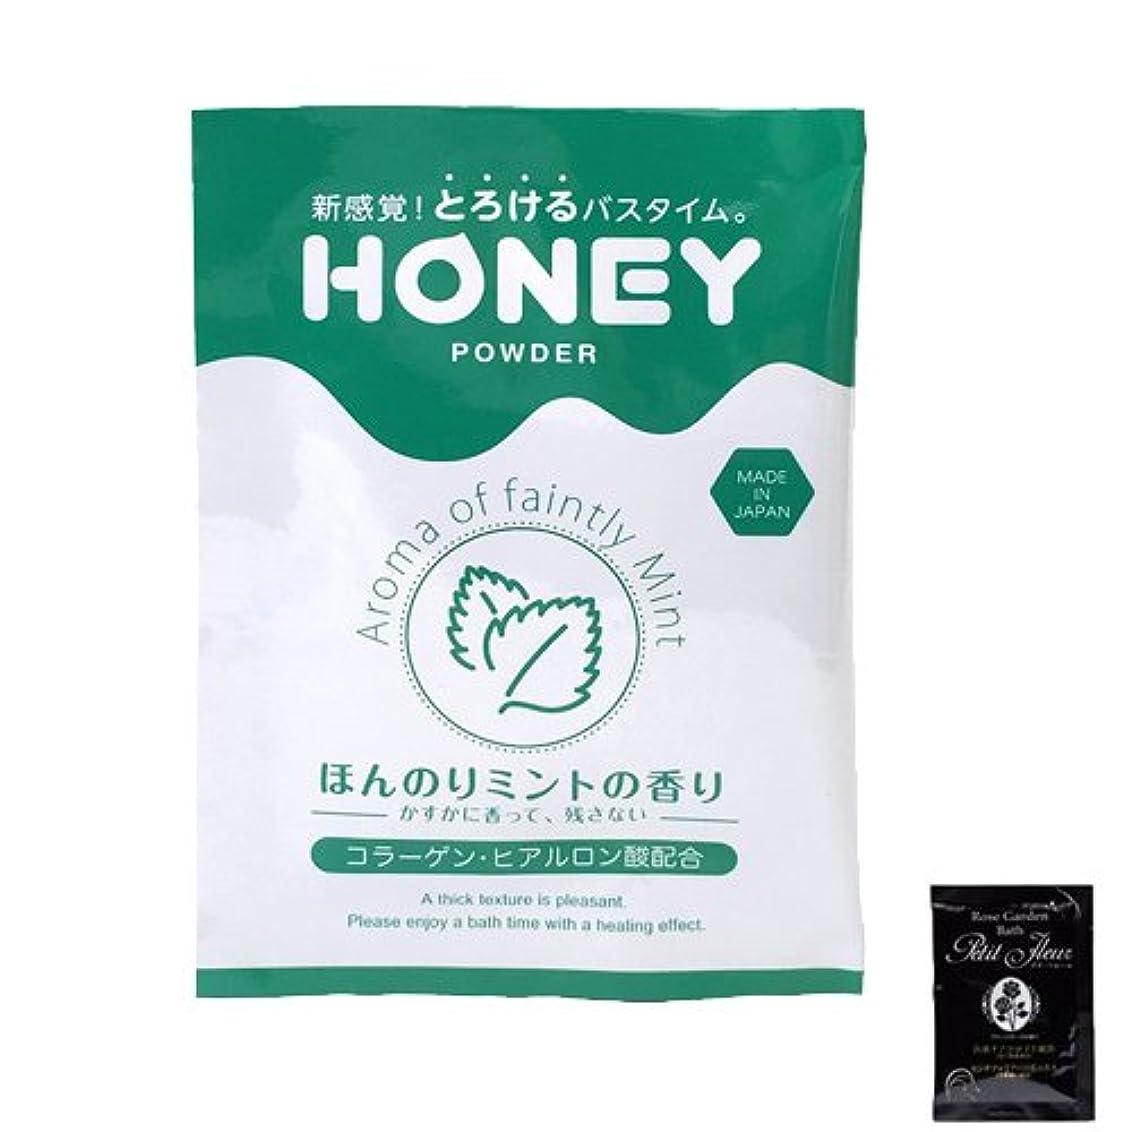 飢えた警戒干渉【honey powder】(ハニーパウダー) ほんのりミントの香り 粉末タイプ + 入浴剤プチフルール1回分セット